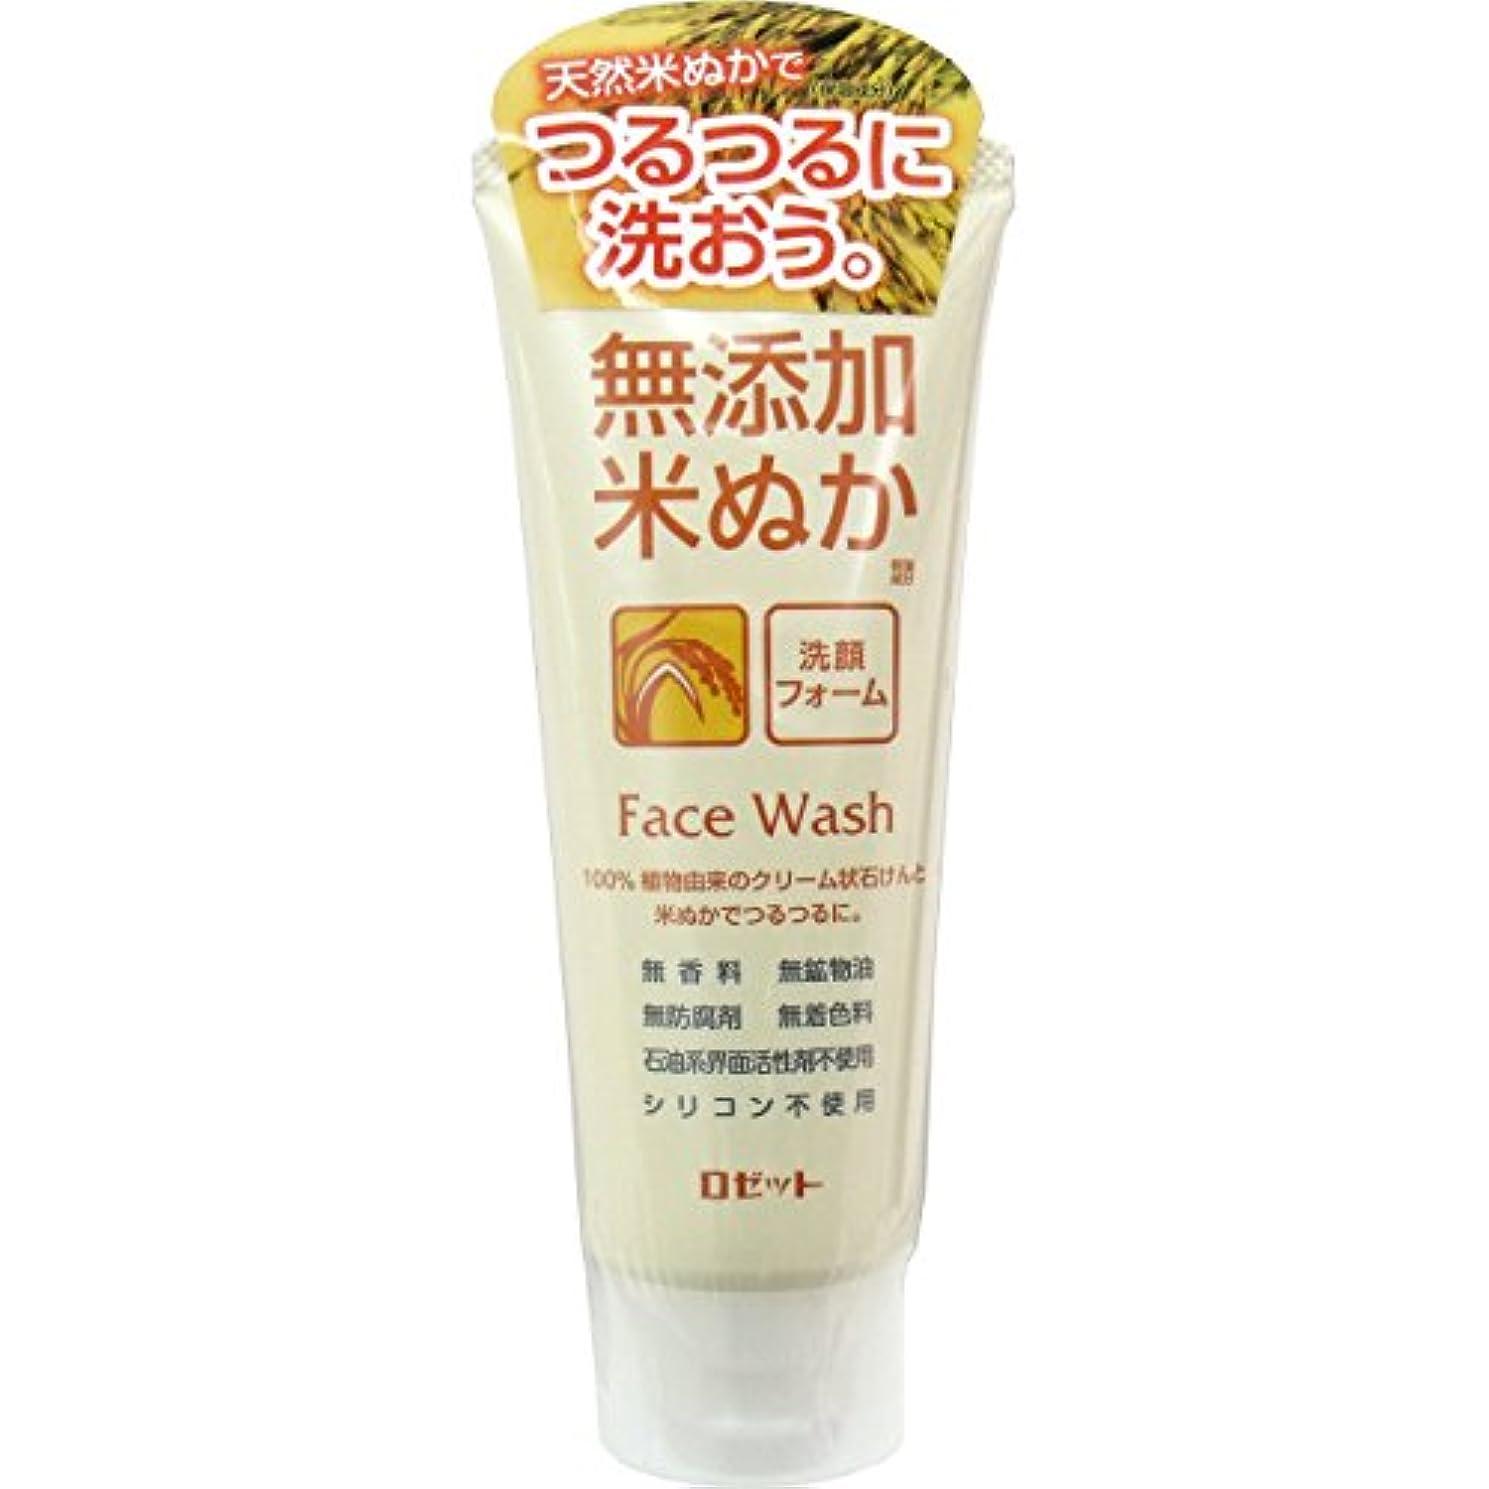 品種反論それら【ロゼット】無添加米ぬか洗顔フォーム 140g ×20個セット